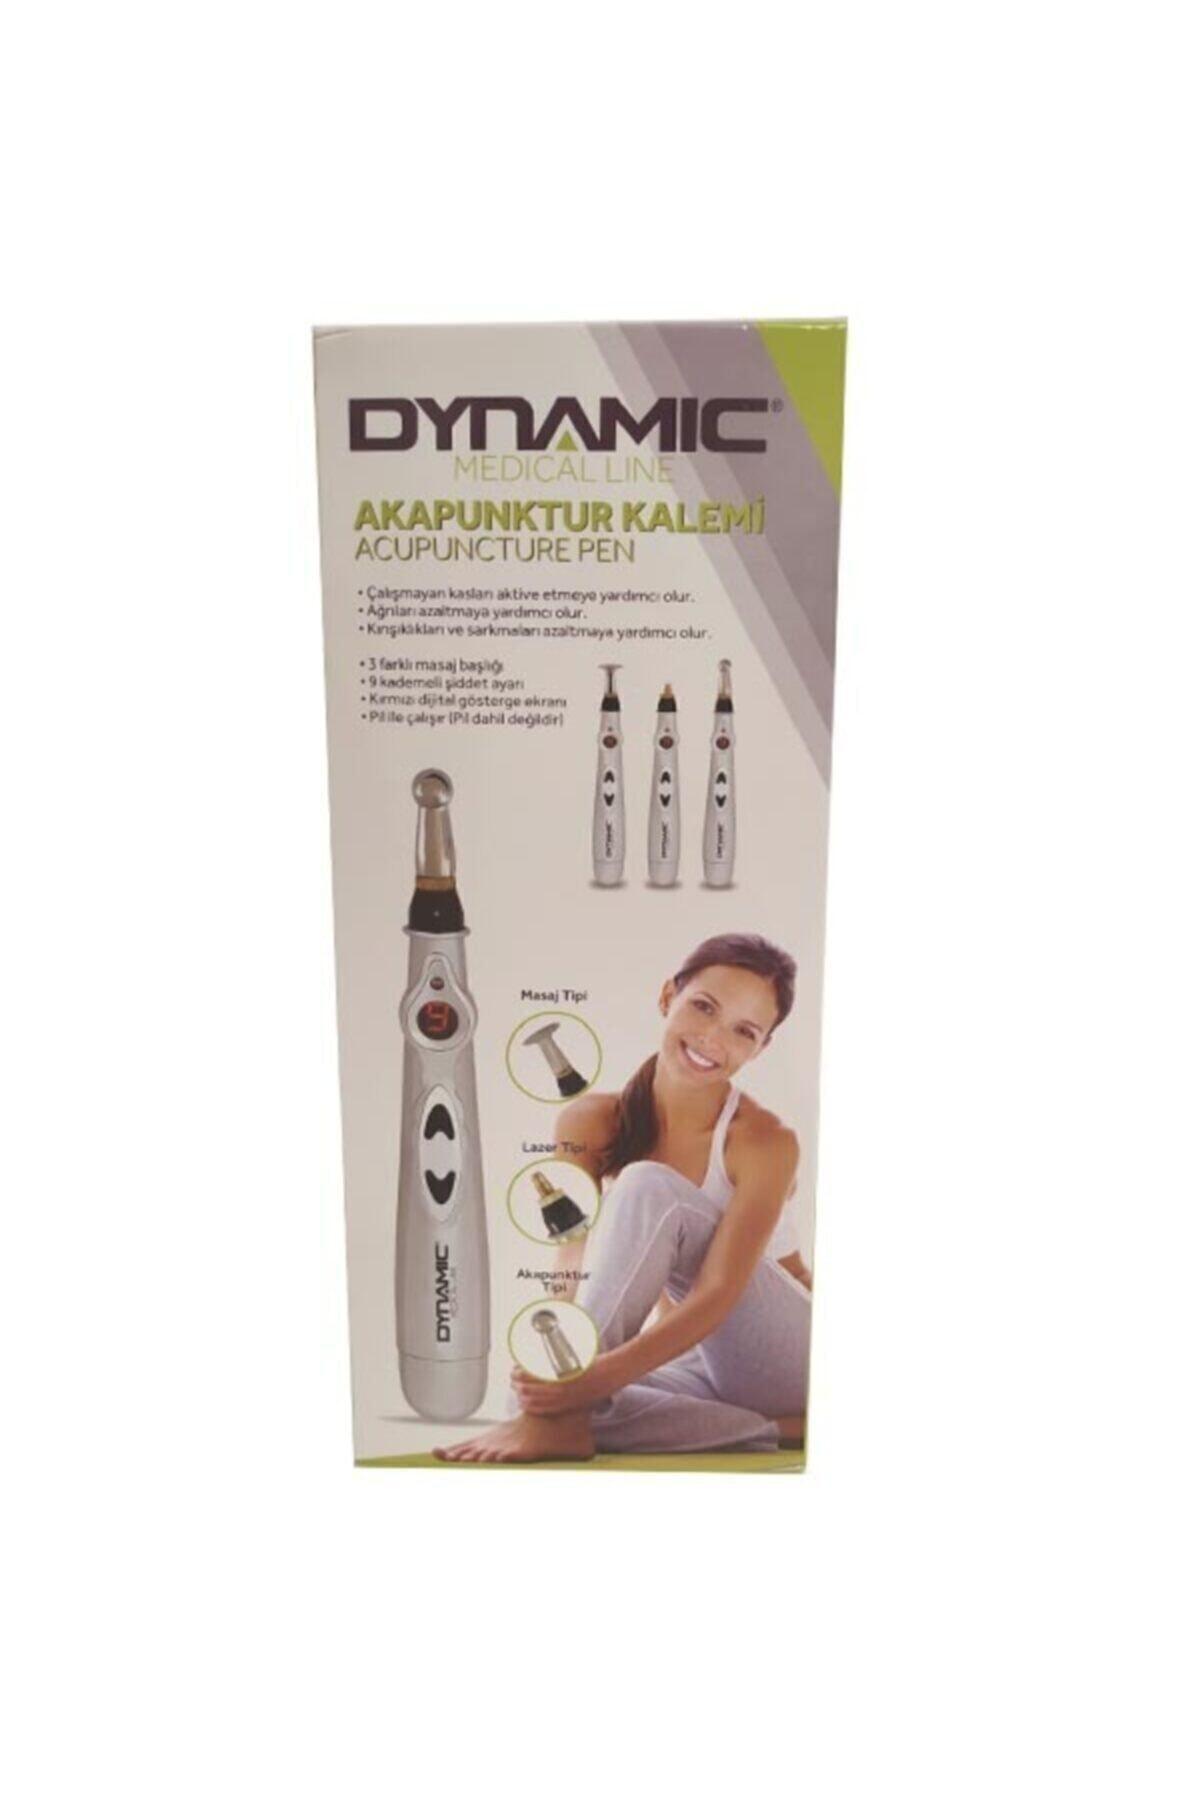 Dynamic Akupunktur Kalemi 2